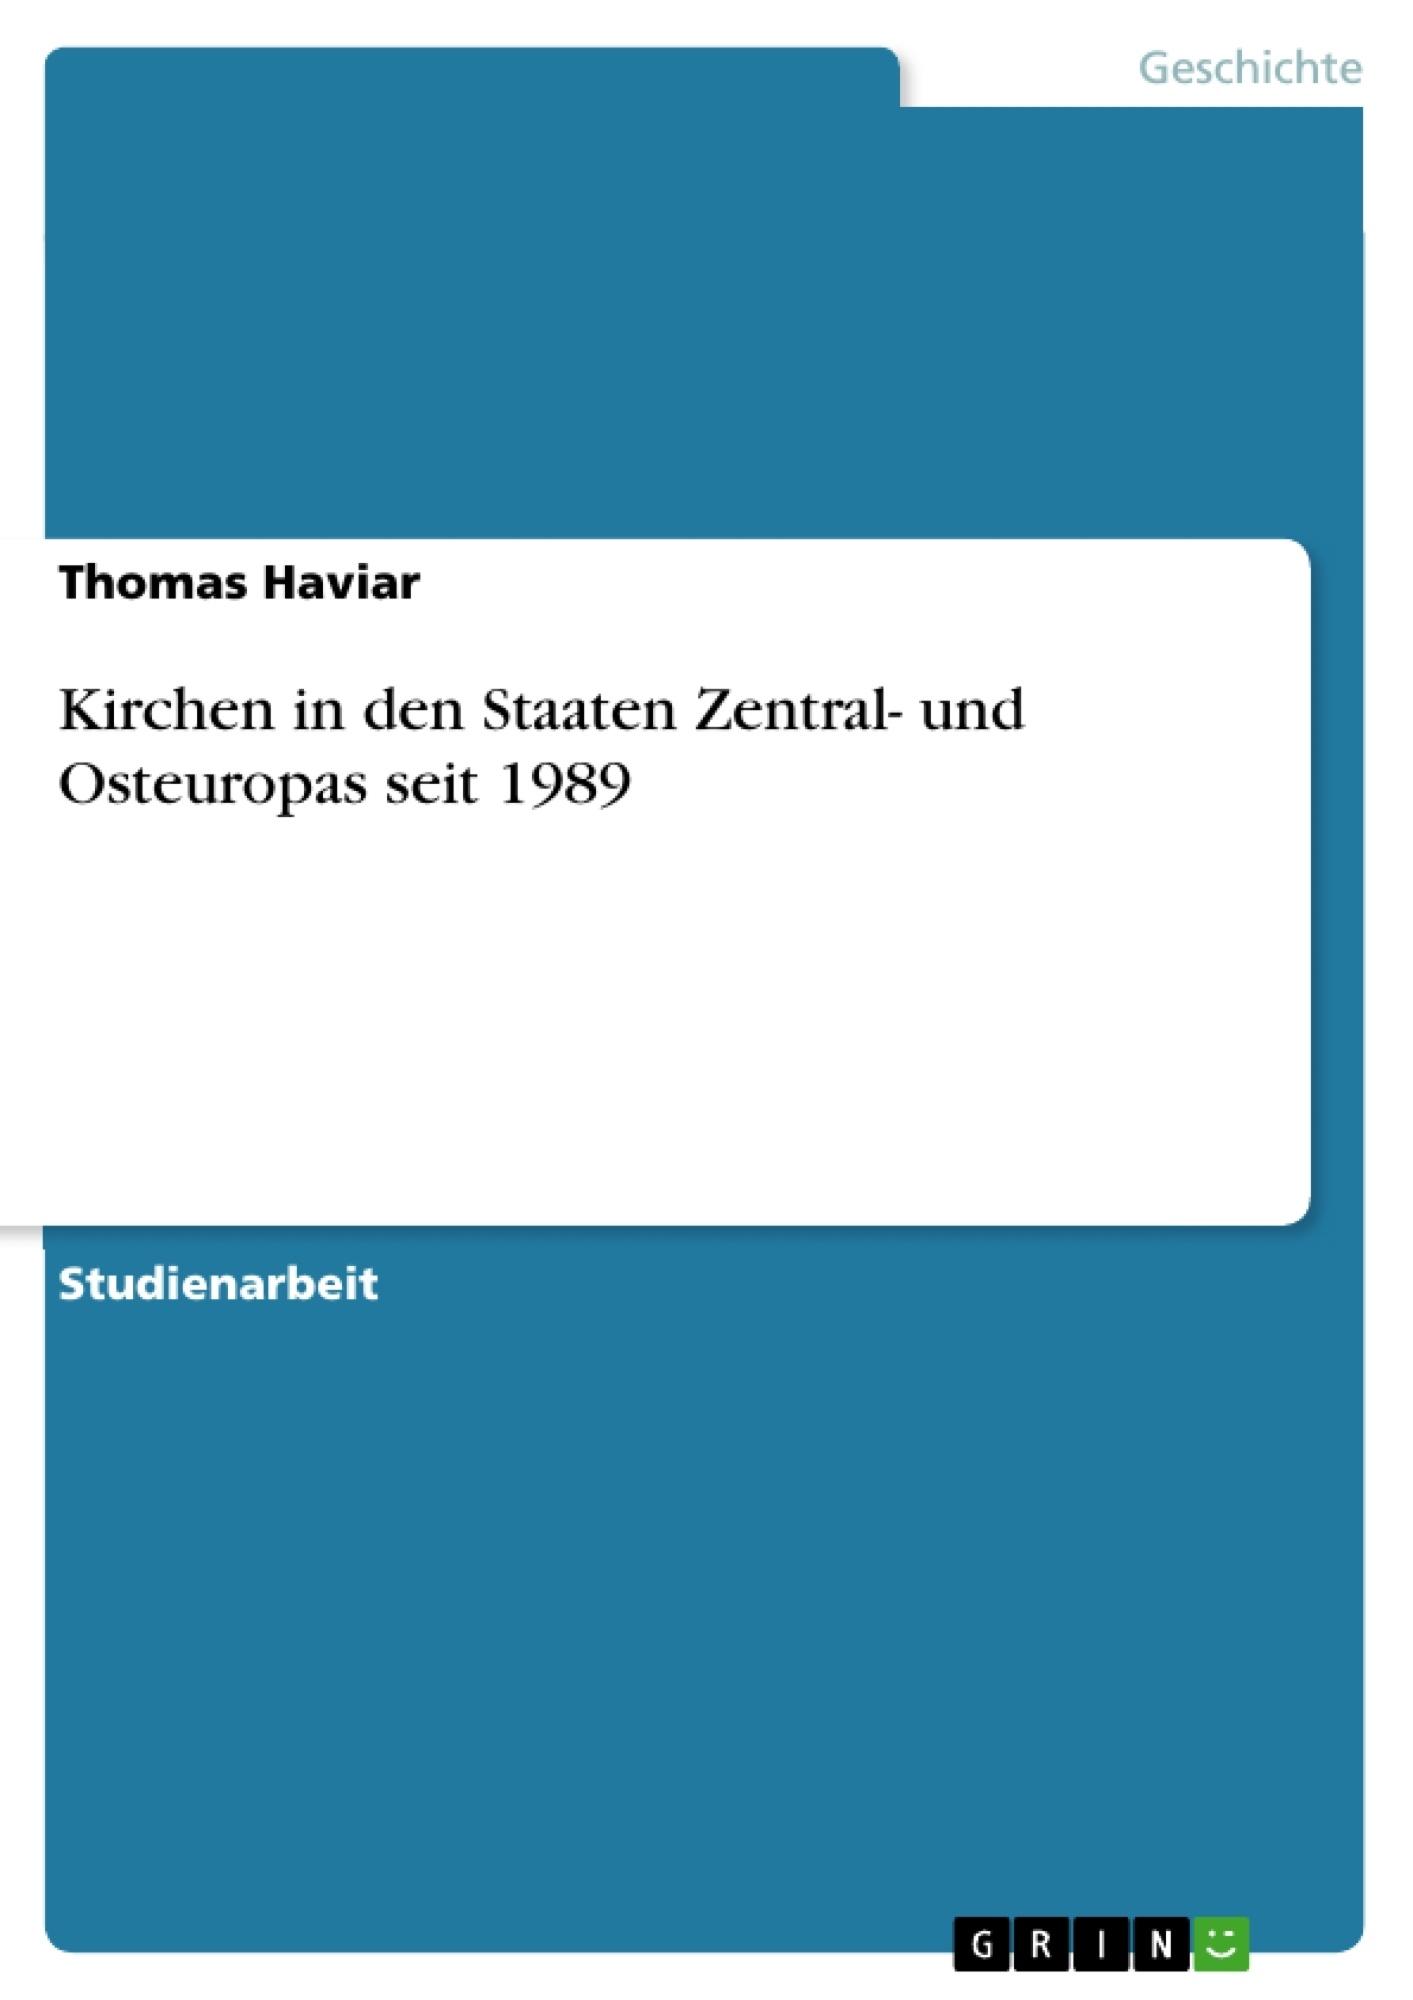 Titel: Kirchen in den Staaten Zentral- und Osteuropas seit 1989